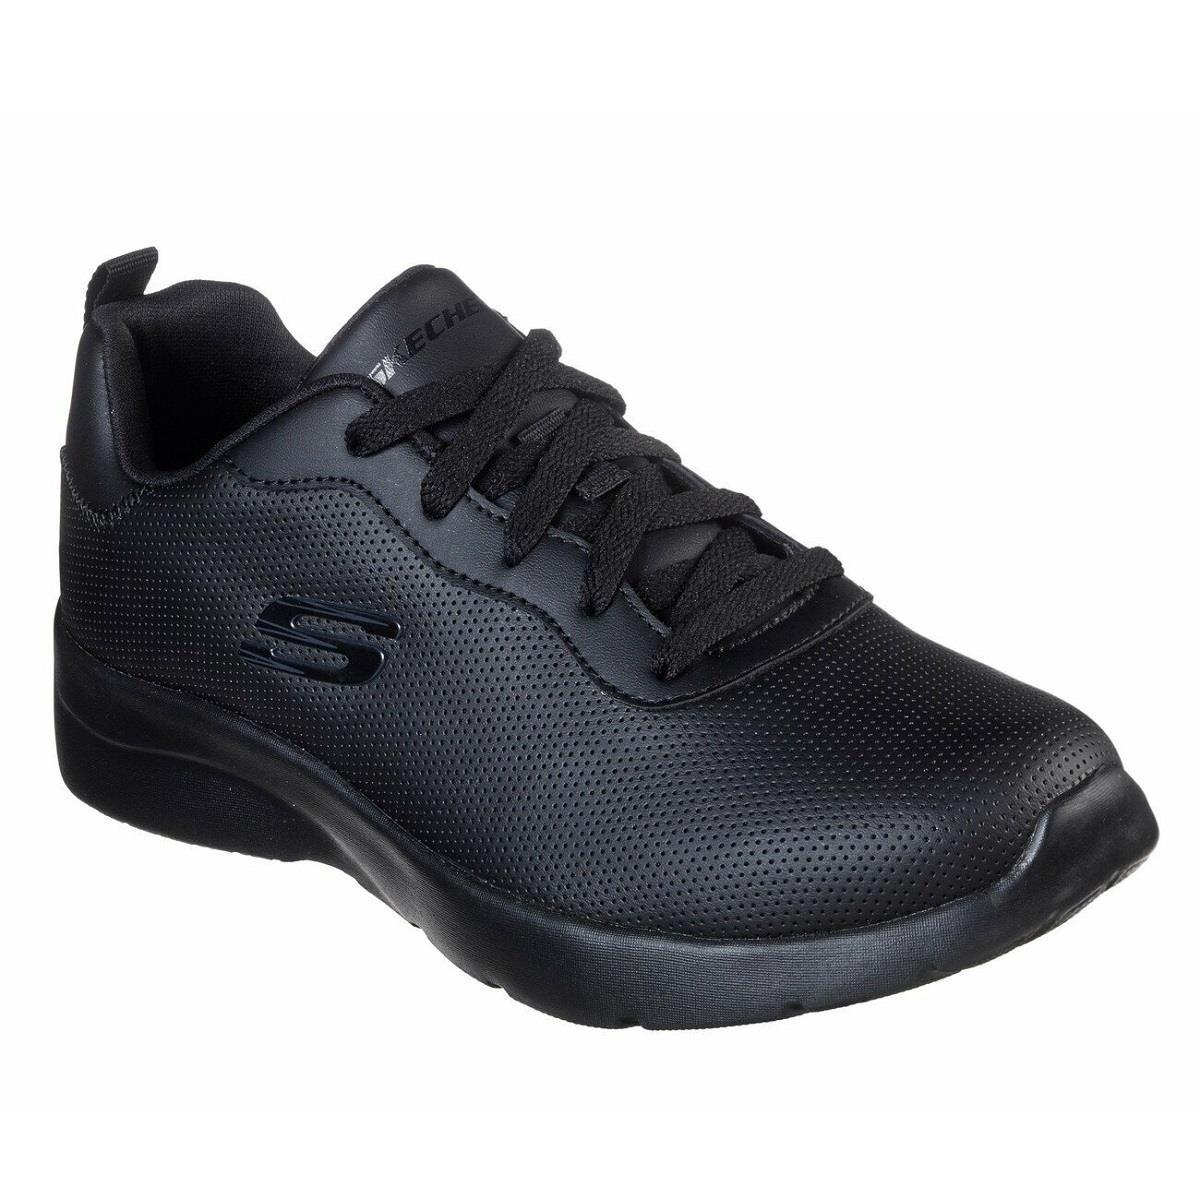 Skechers DYNAMIGHT 2.0 Bayan Ayakkabısı SKC88888368 BBK